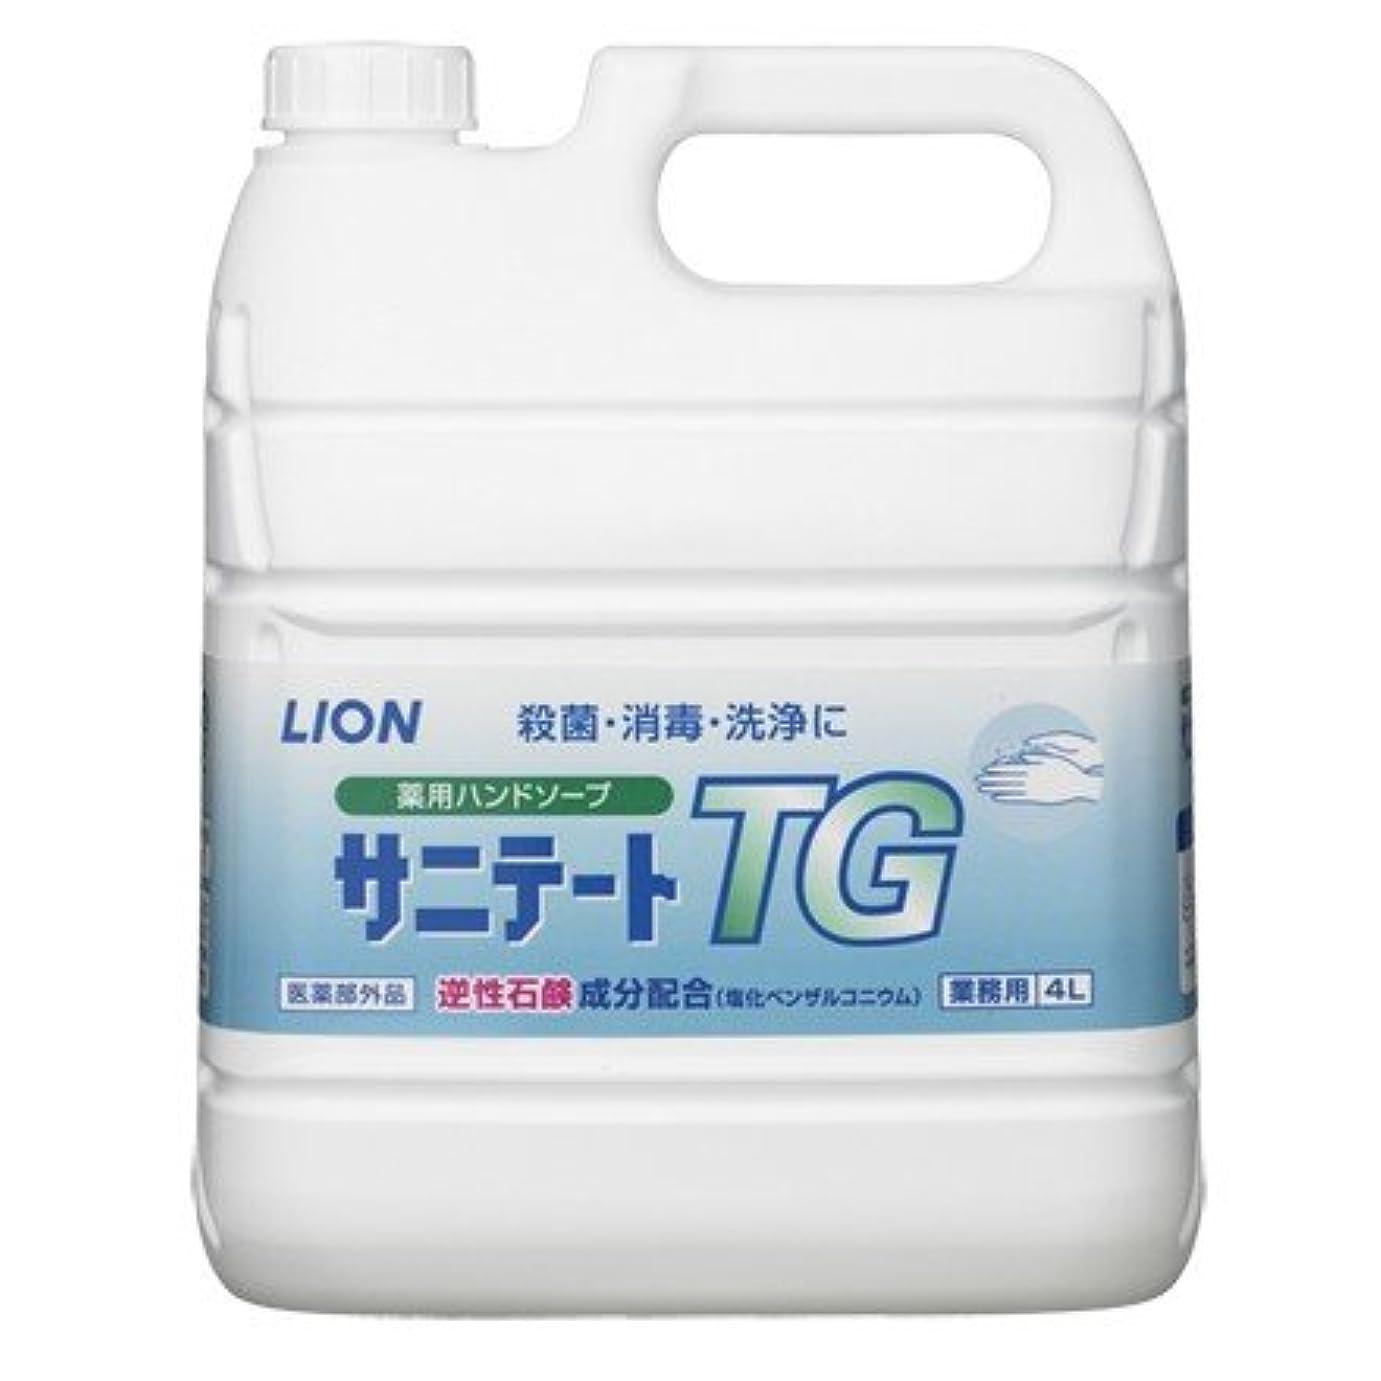 運命誇りに思うバイパスライオン 薬用ハンドソープ サニテートTG 希釈タイプ(逆性石鹸)4L×2本入